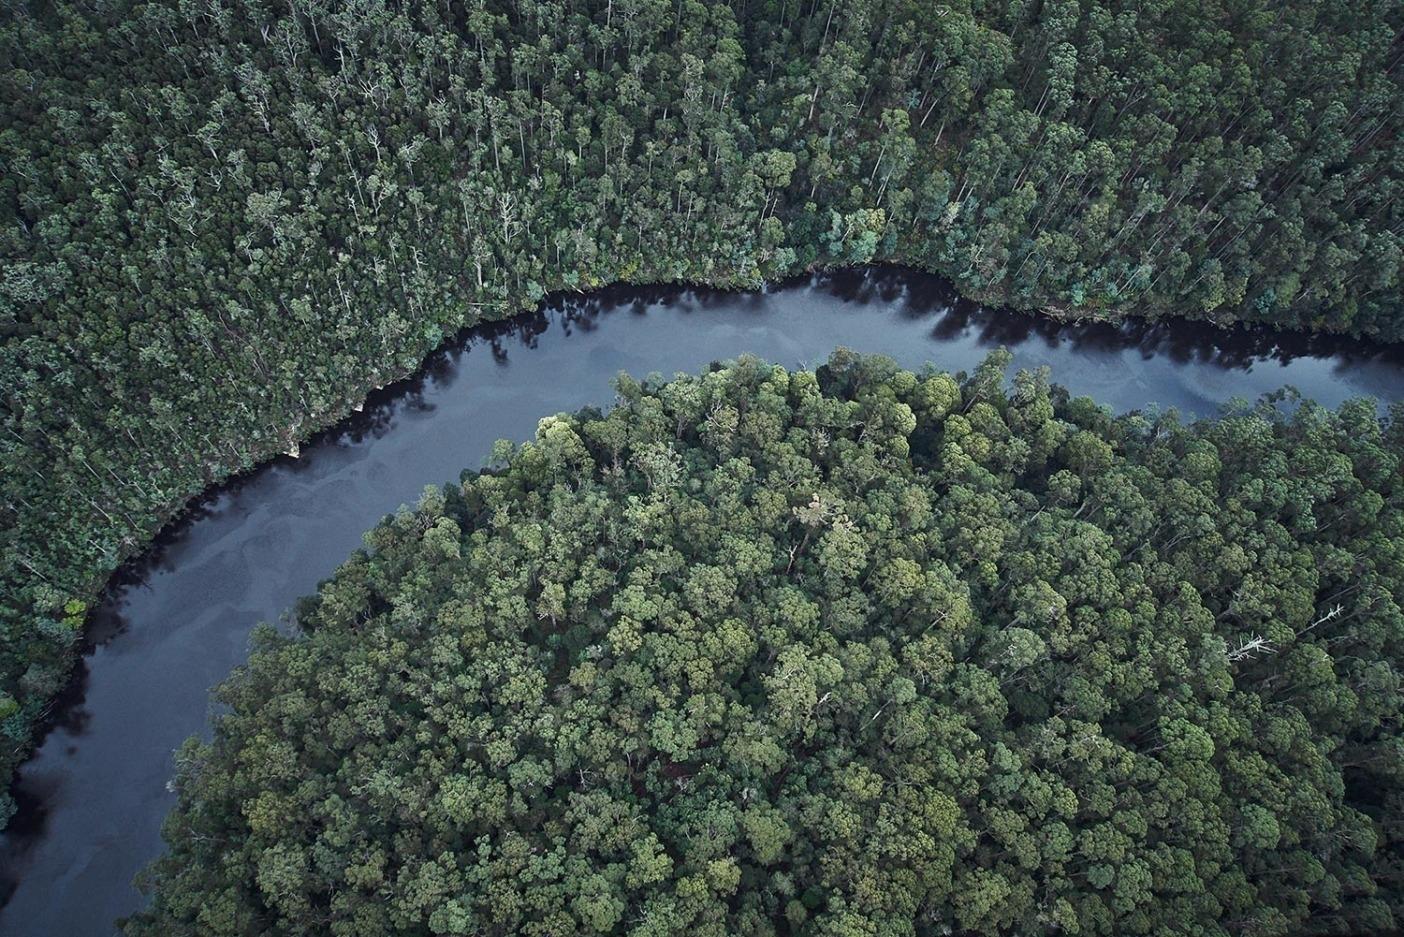 タスマニアの北西部にあるターカイン地域は世界で最後の手つかずのゴンドワナ多雨林のひとつがある場所だ。Photo: Mikey Schaefer